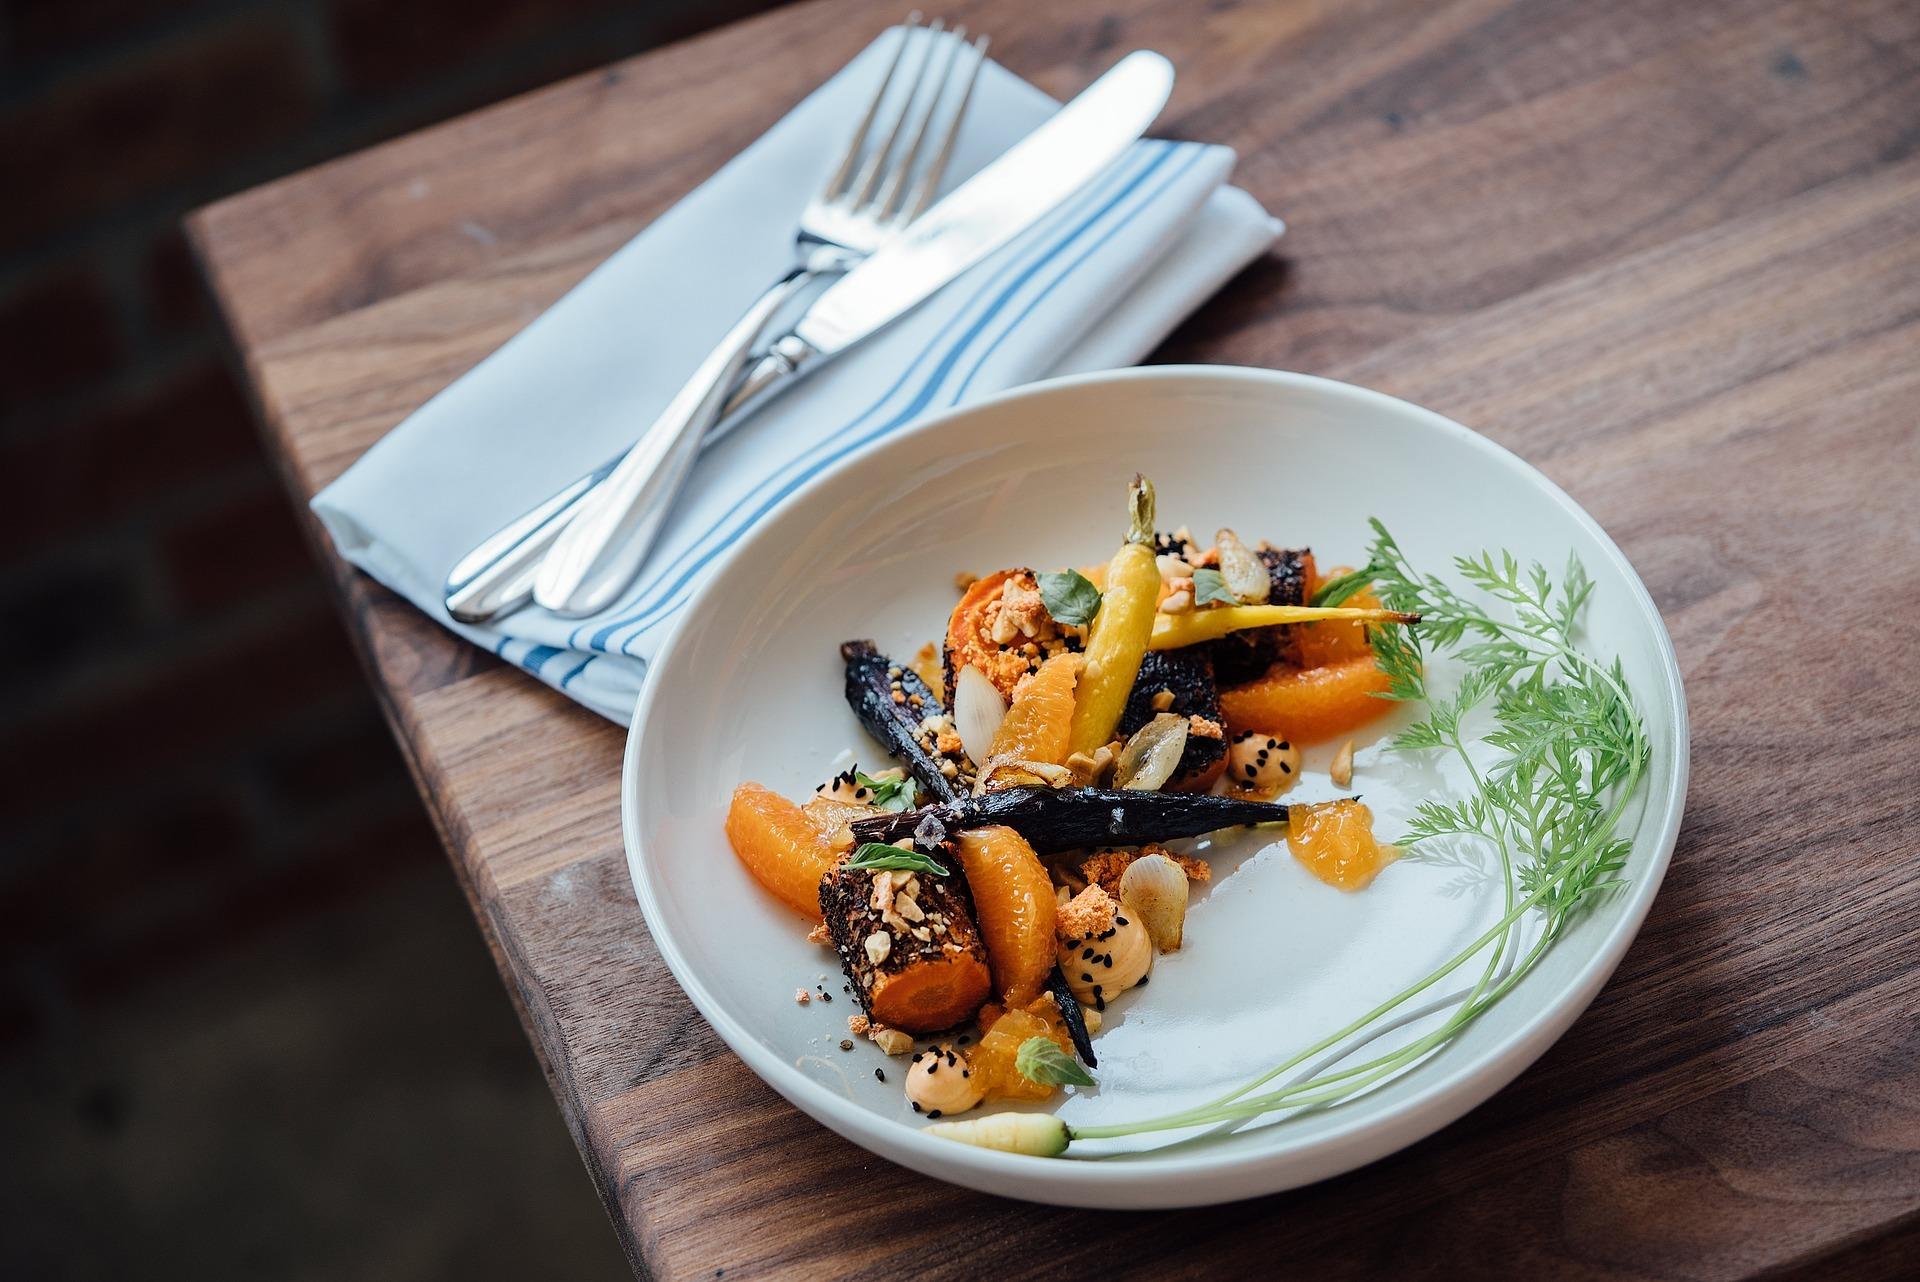 descubre la cocina healthy en Santa Cruz de Tenerife con Degusta Santa Cruz